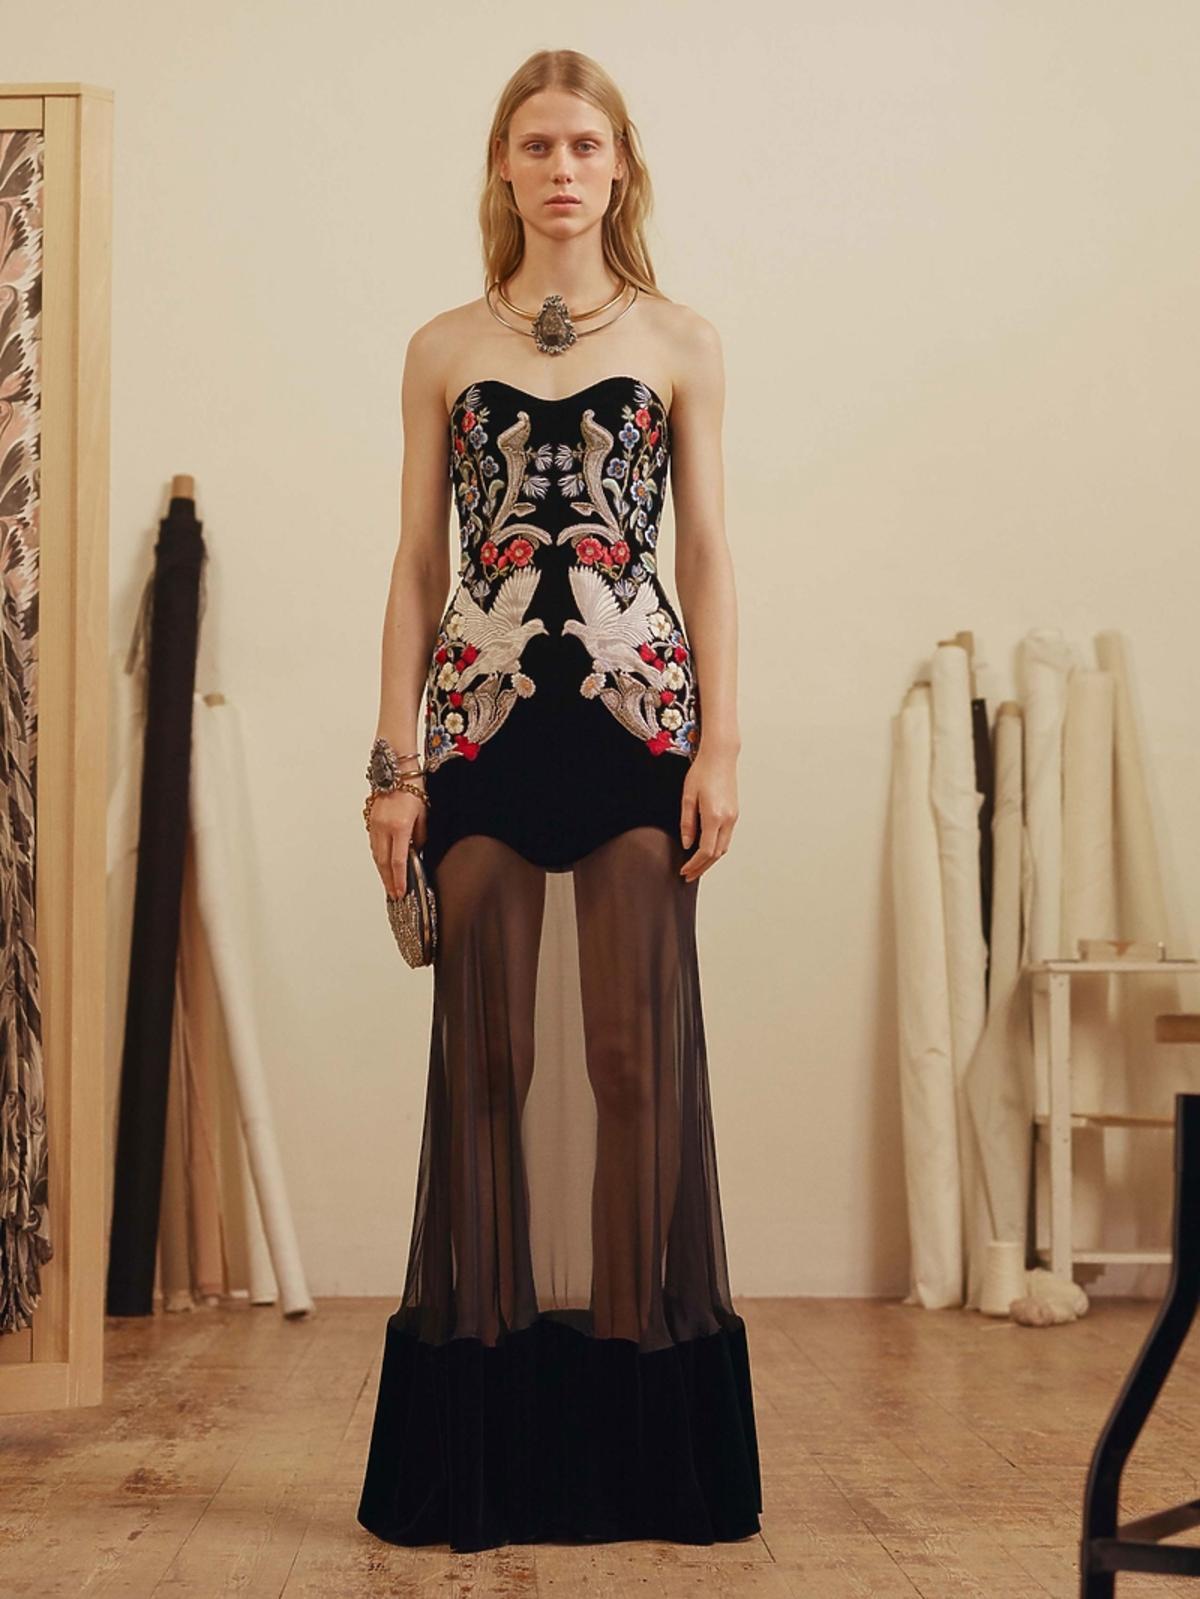 Suknia Alexander McQueen z kolekcji pre-fall 17